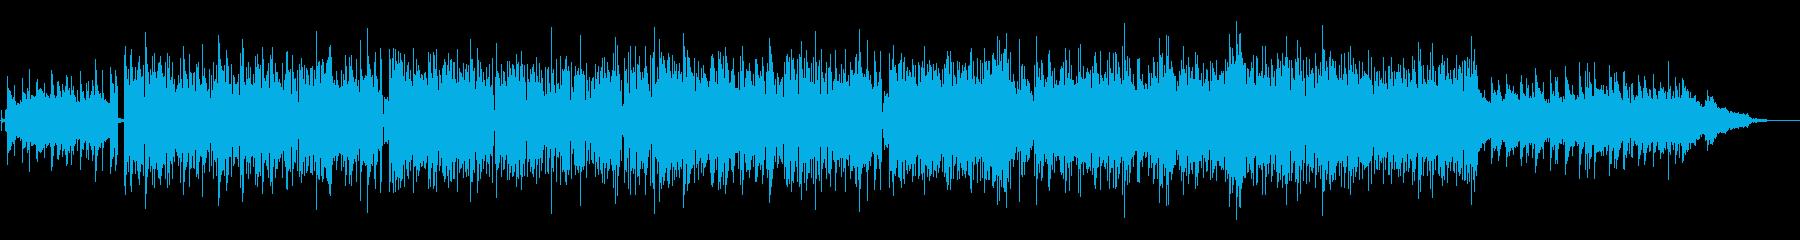 尺八の音色の軽快なBGMの再生済みの波形